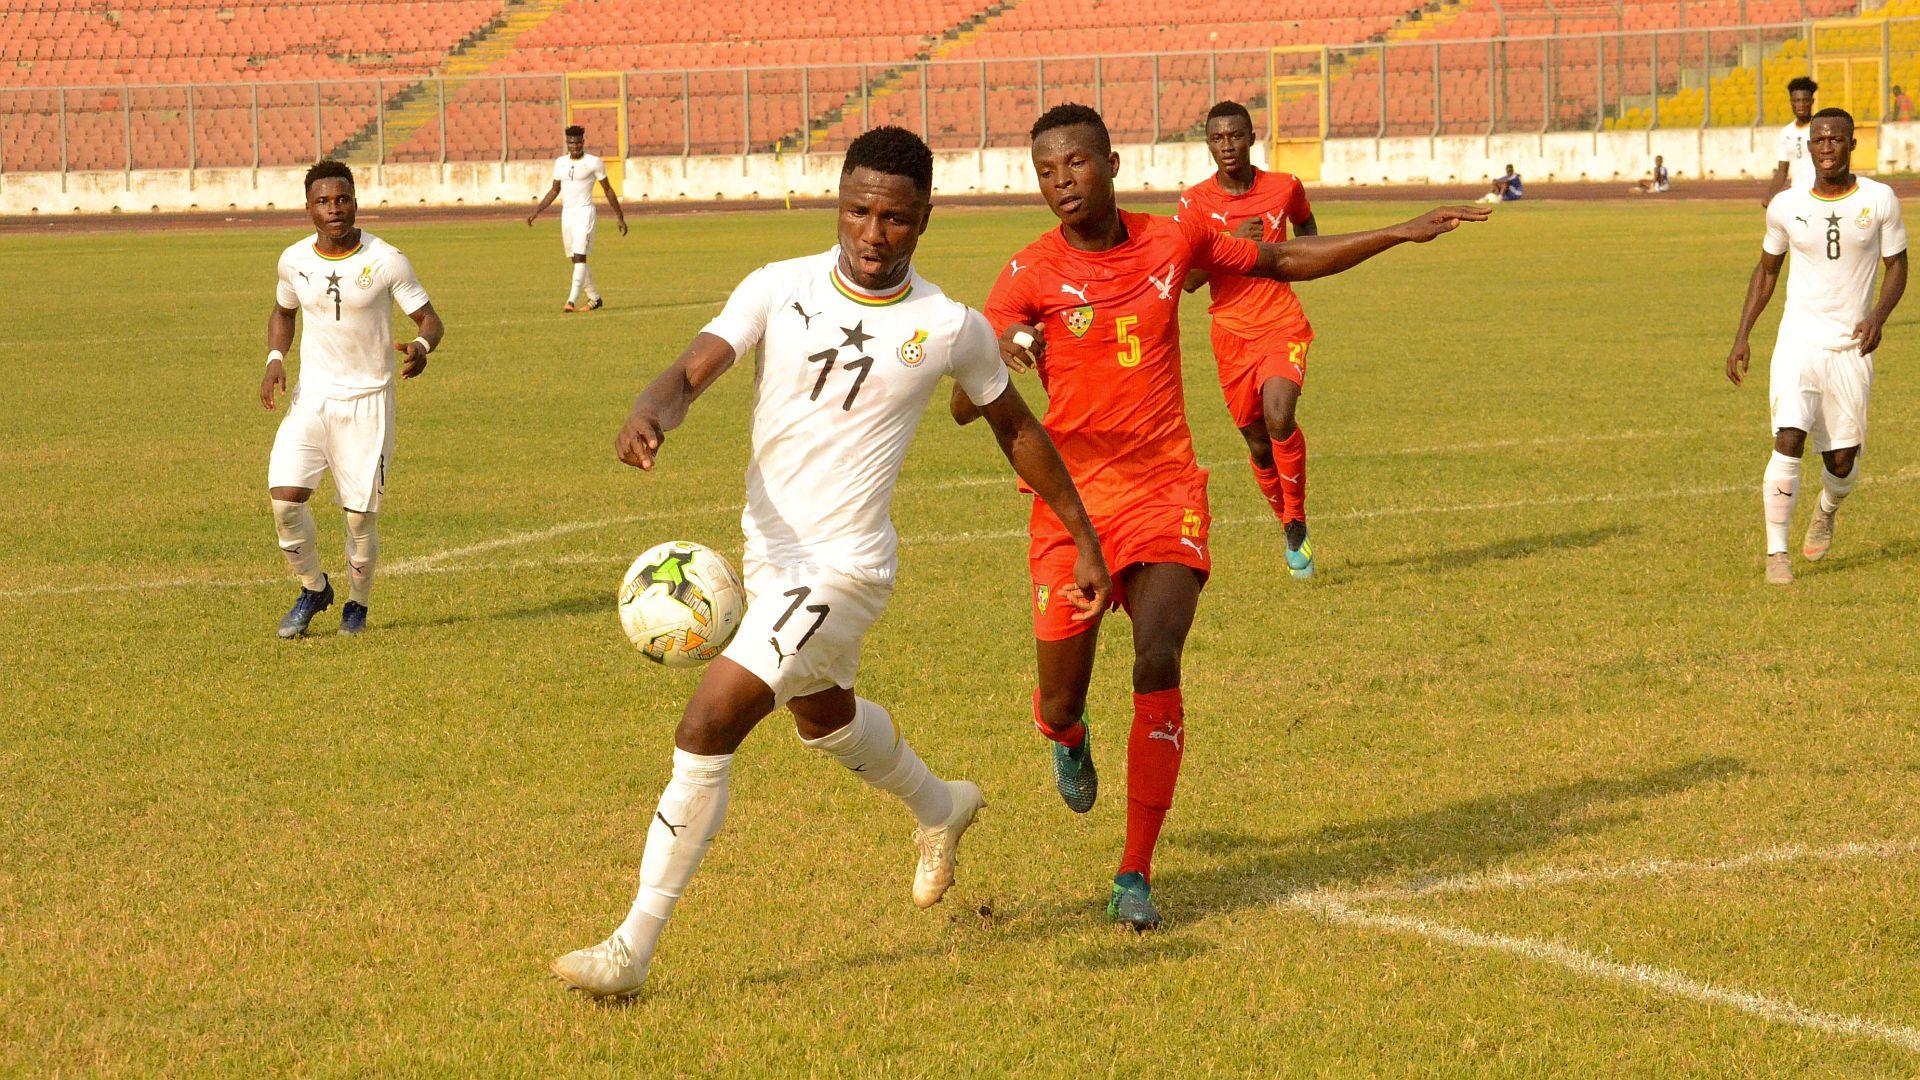 Ghana 1-1 Cameroon: Habib spares Black Meteors' blushes in U23 Afcon opener